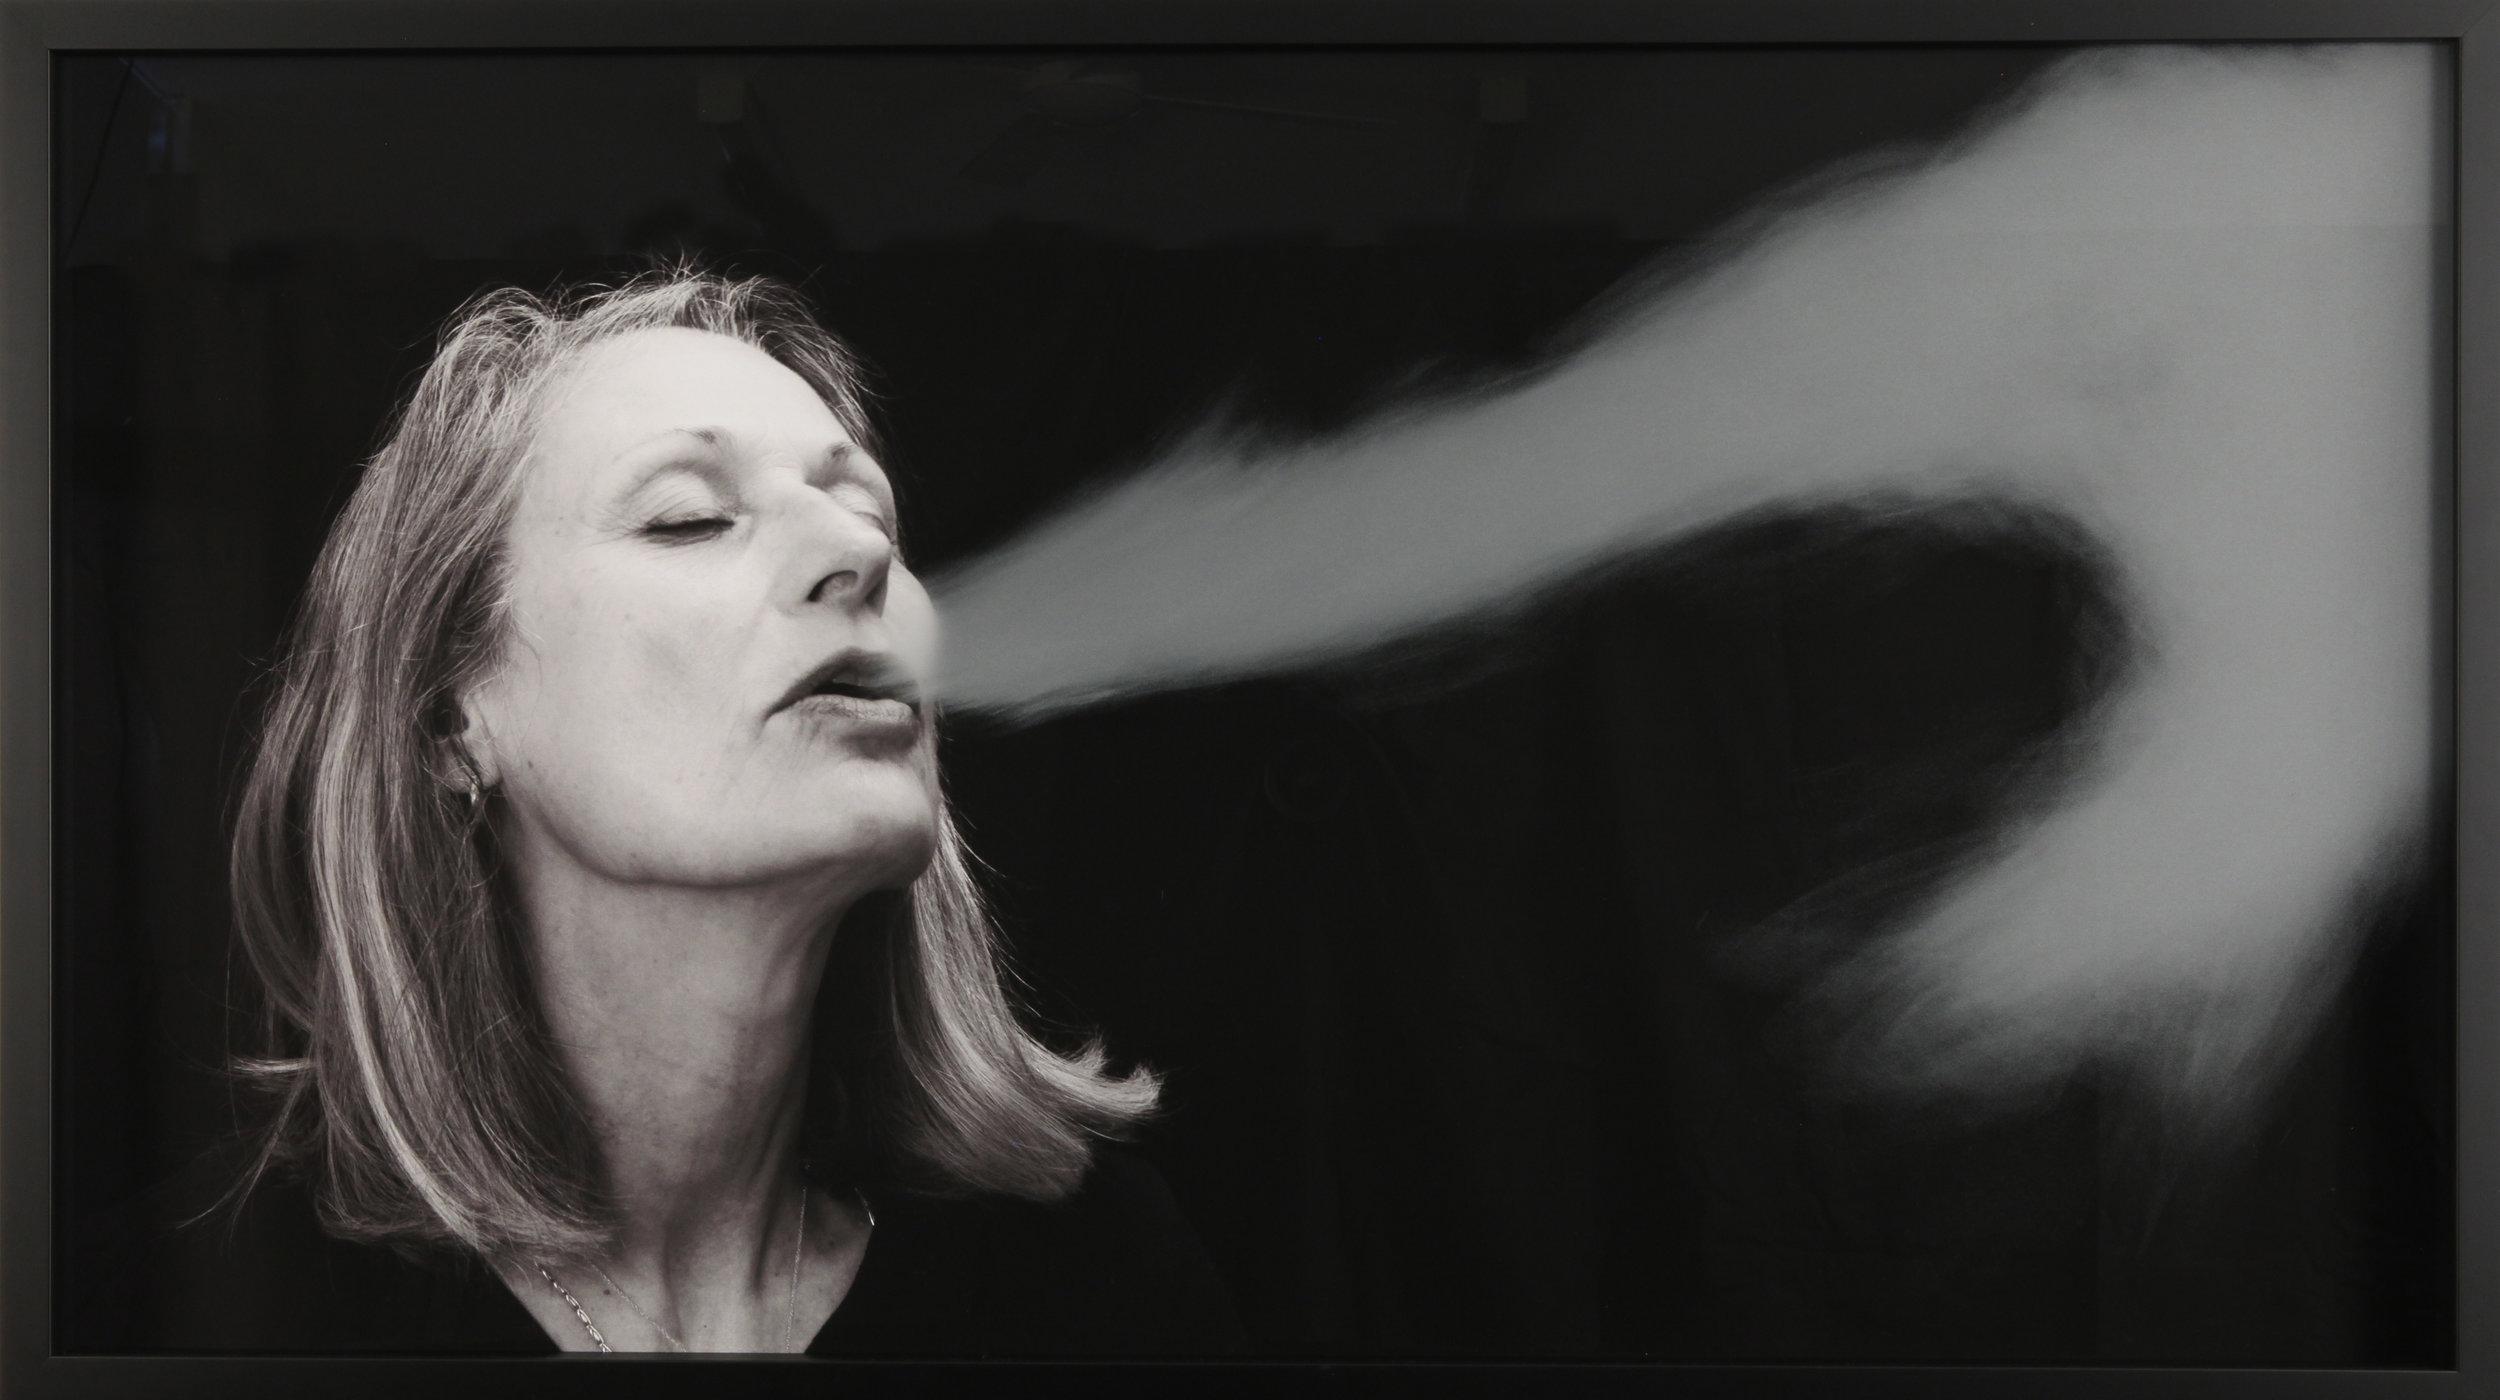 Julie Rrap,  Breath Stream , 2018,pigment ink-jet print, hand-ground glass, 66.0 x 116.0 cm